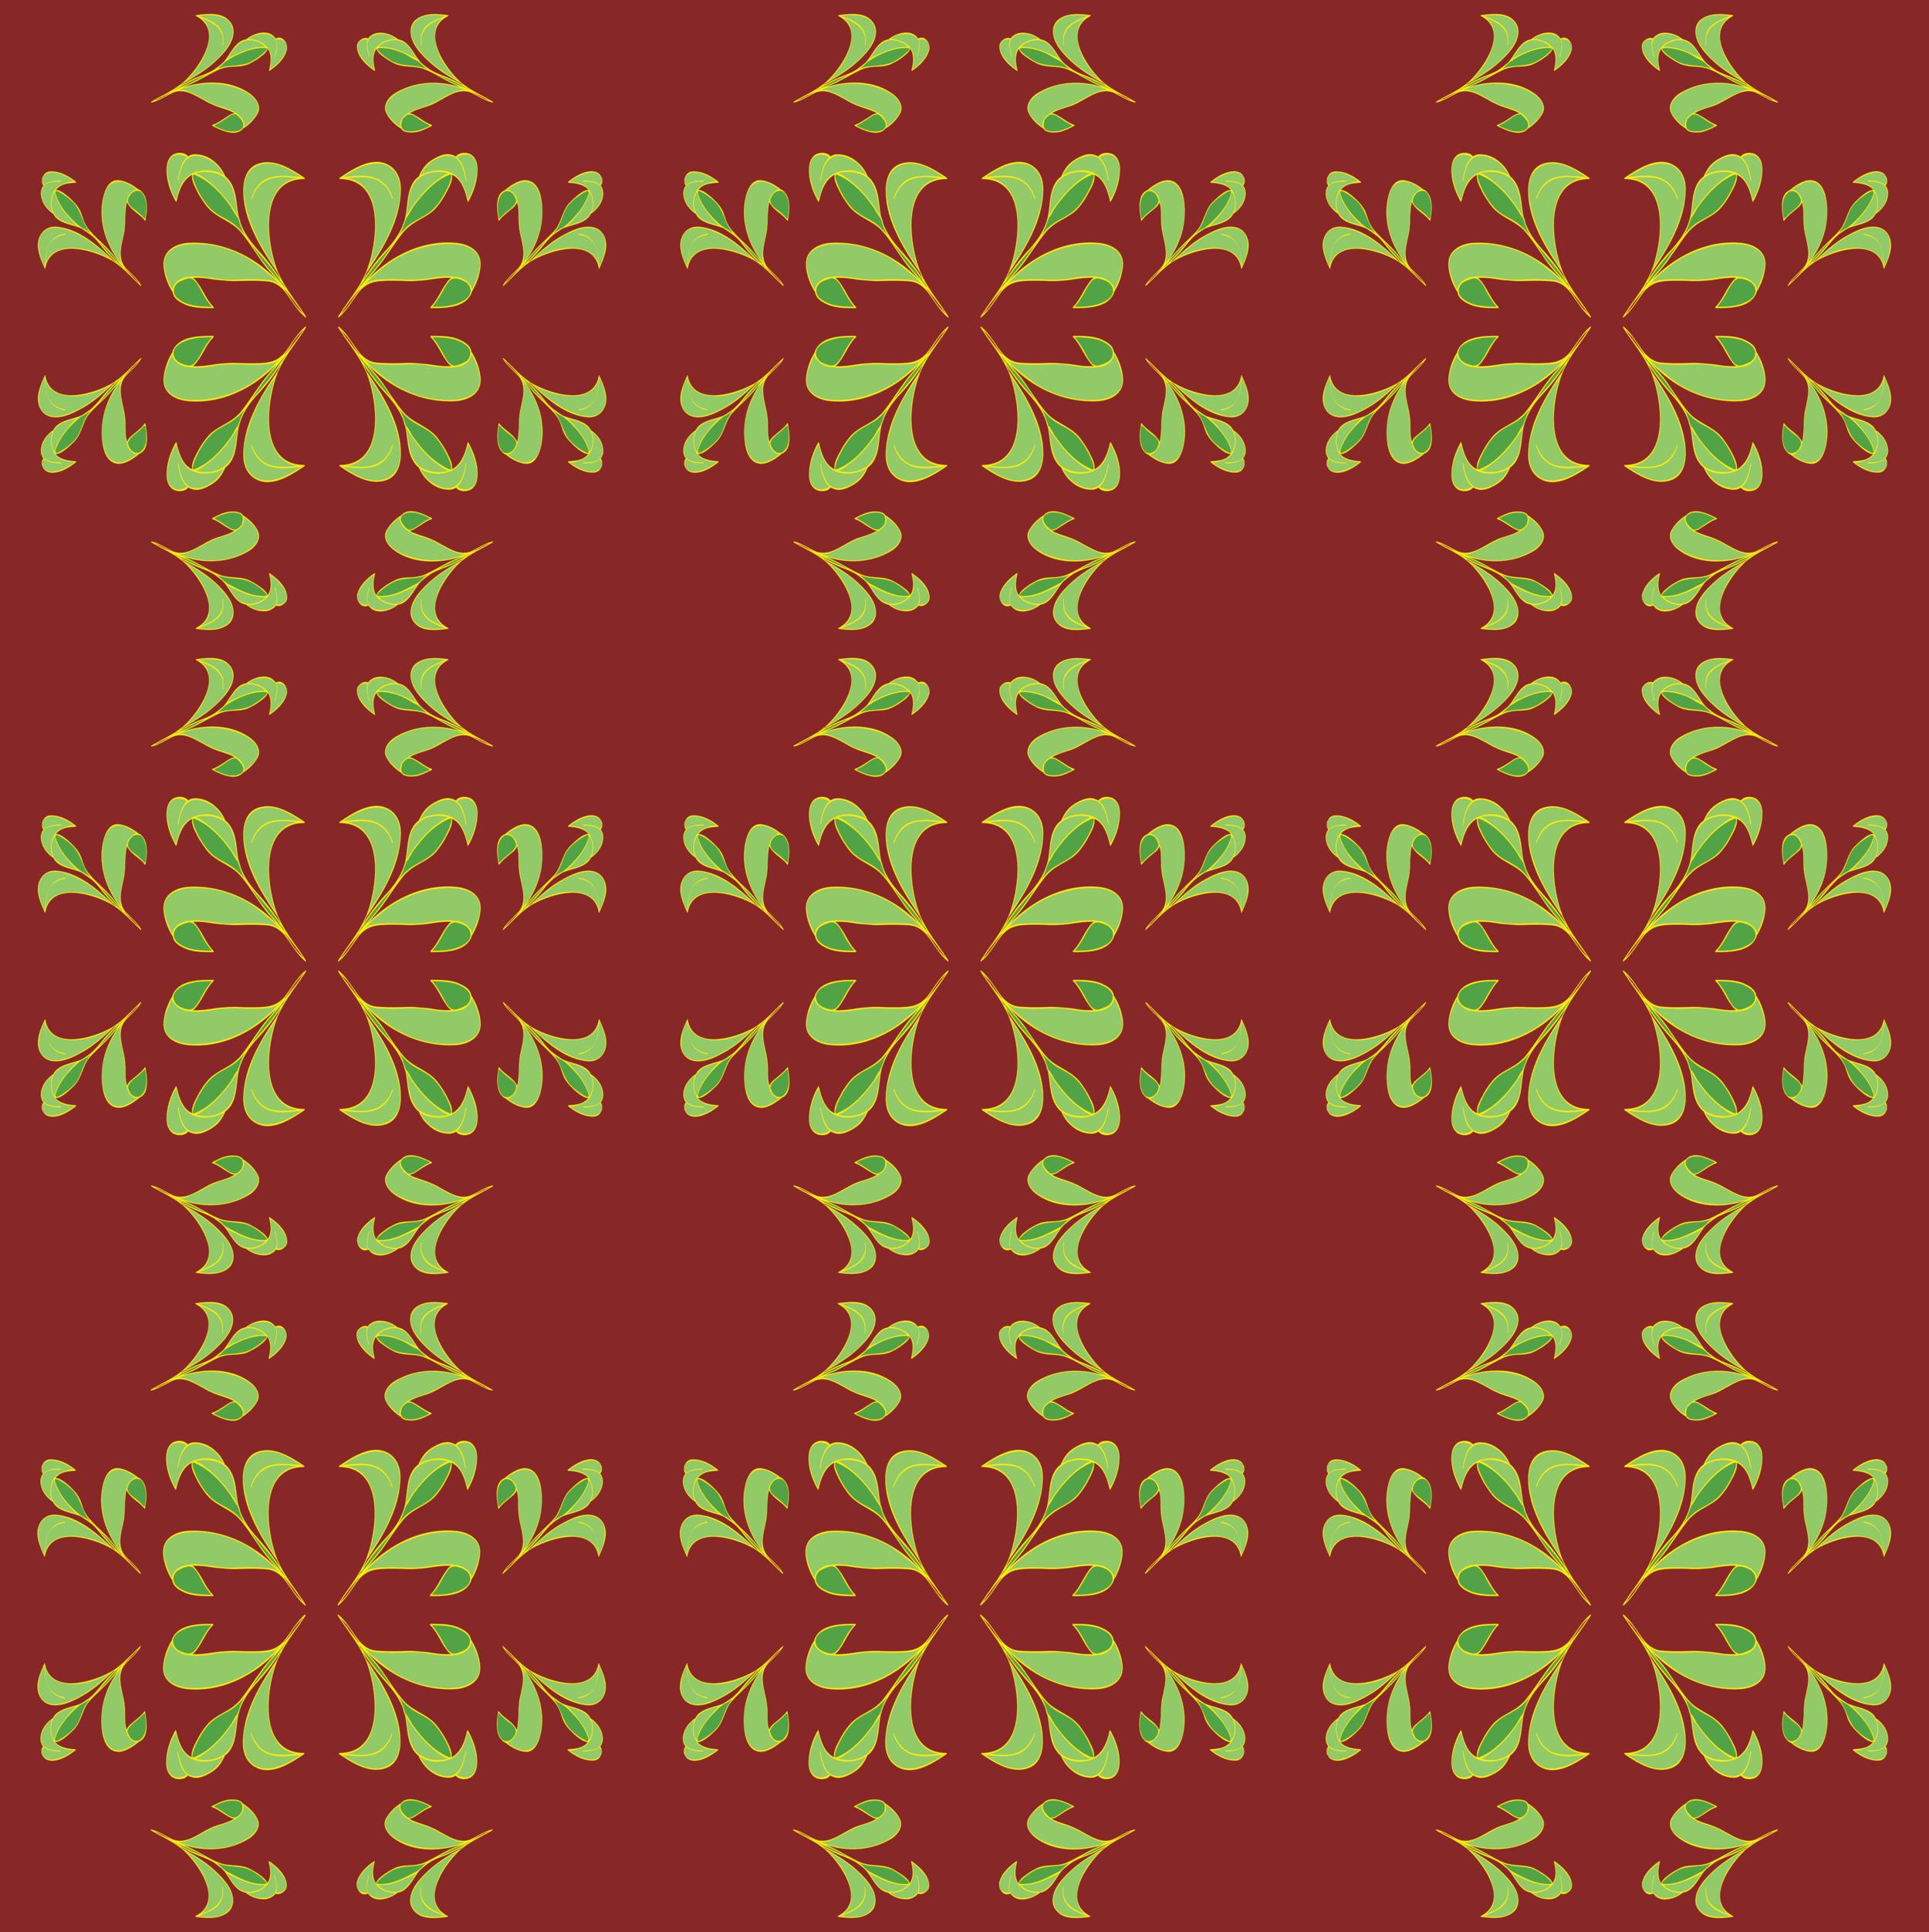 Leaf-Pattern2.png